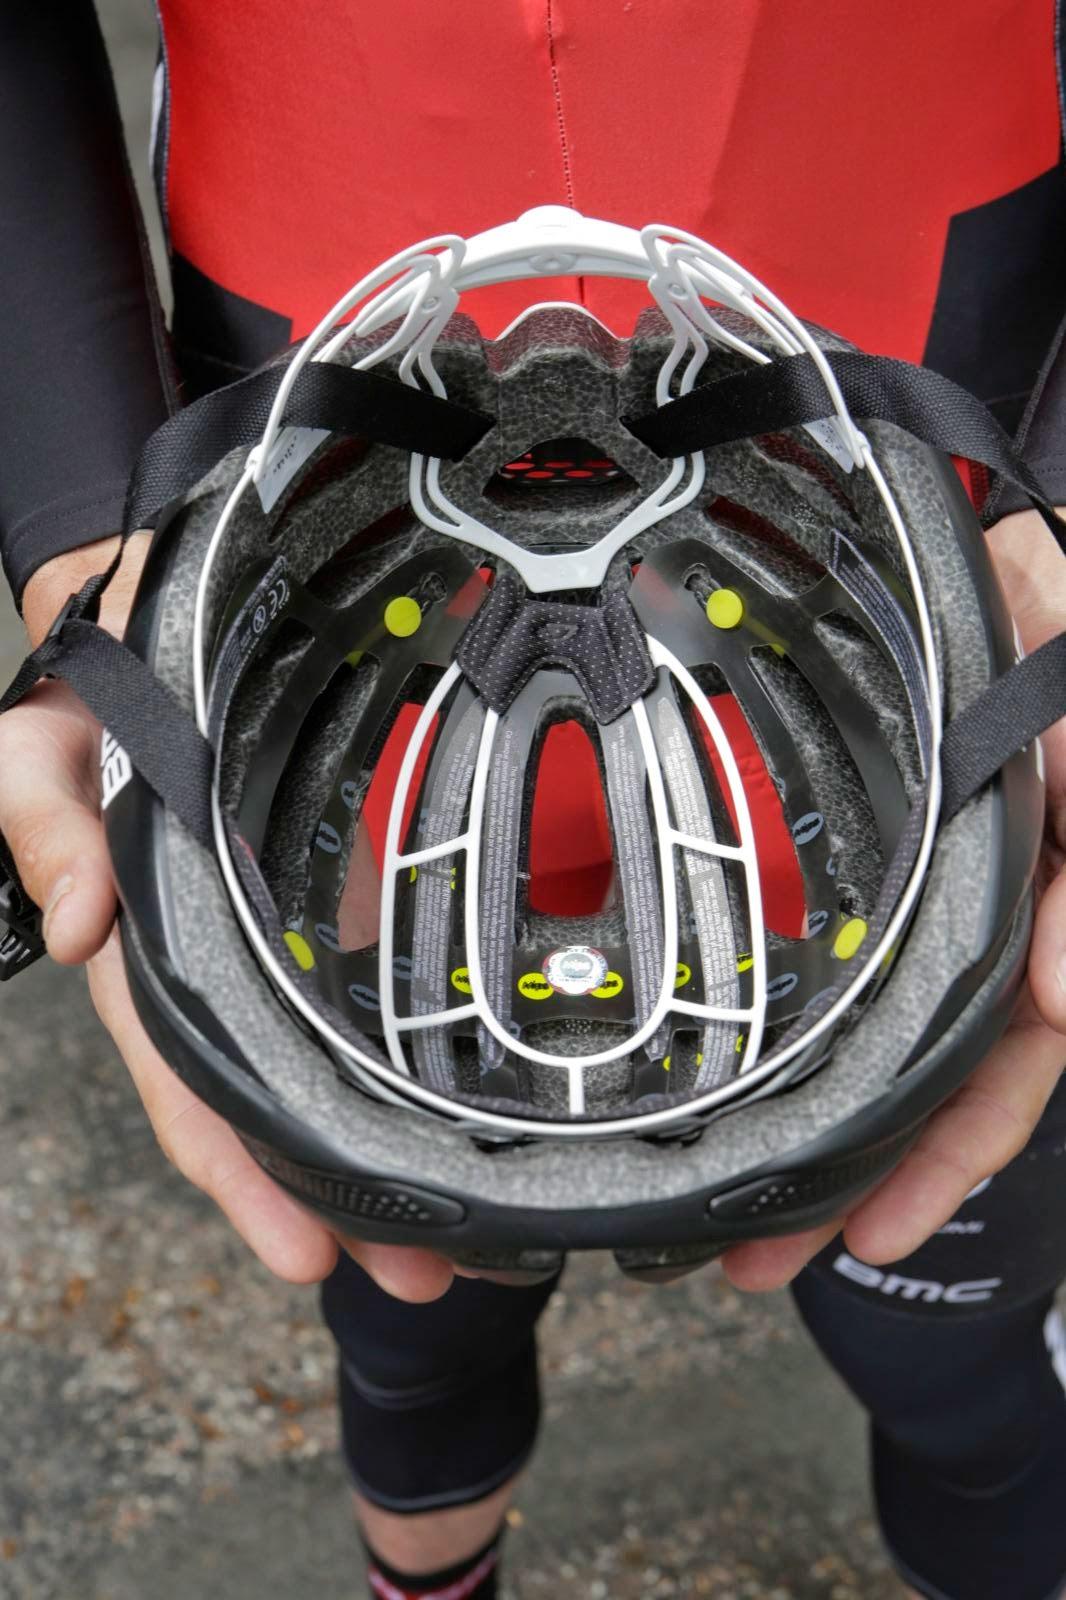 Das MIPS entkoppelt den inneren Teil des Helms vom Äußeren. Dadurch kann sich die Außenschale einige Millimeter unabhängig vom Kopf bewegen und für mehr Schutz sorgen.